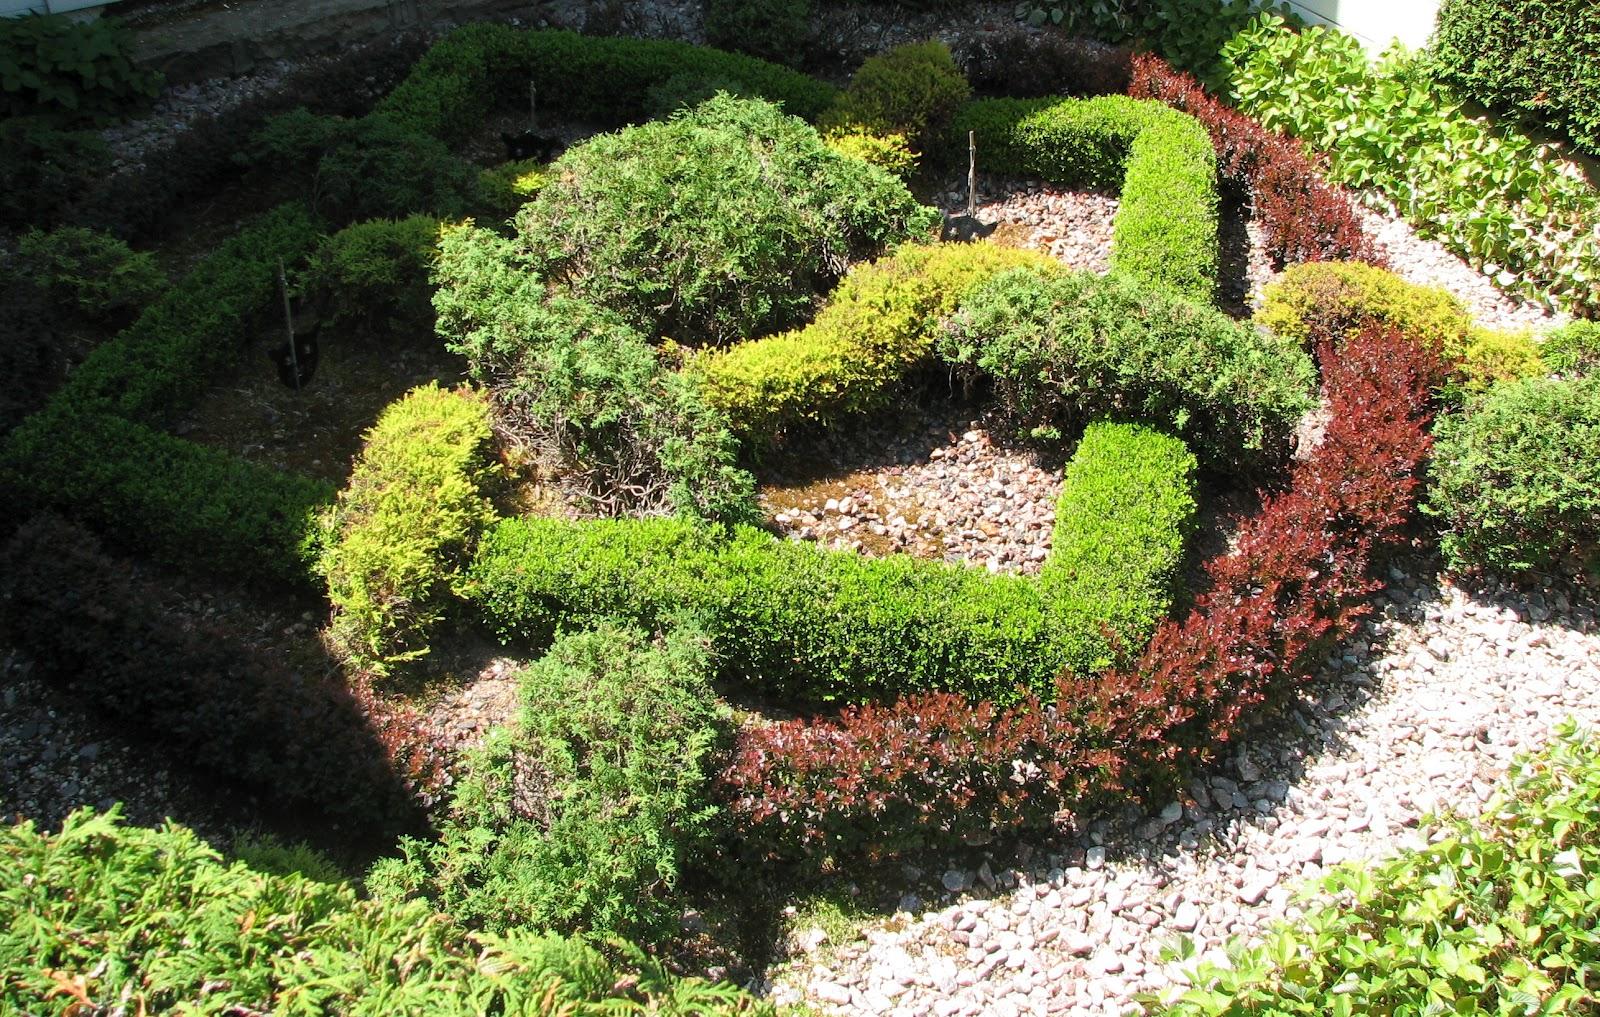 La nature son meilleur les jardins de quatre vents for Jardin 4 vents